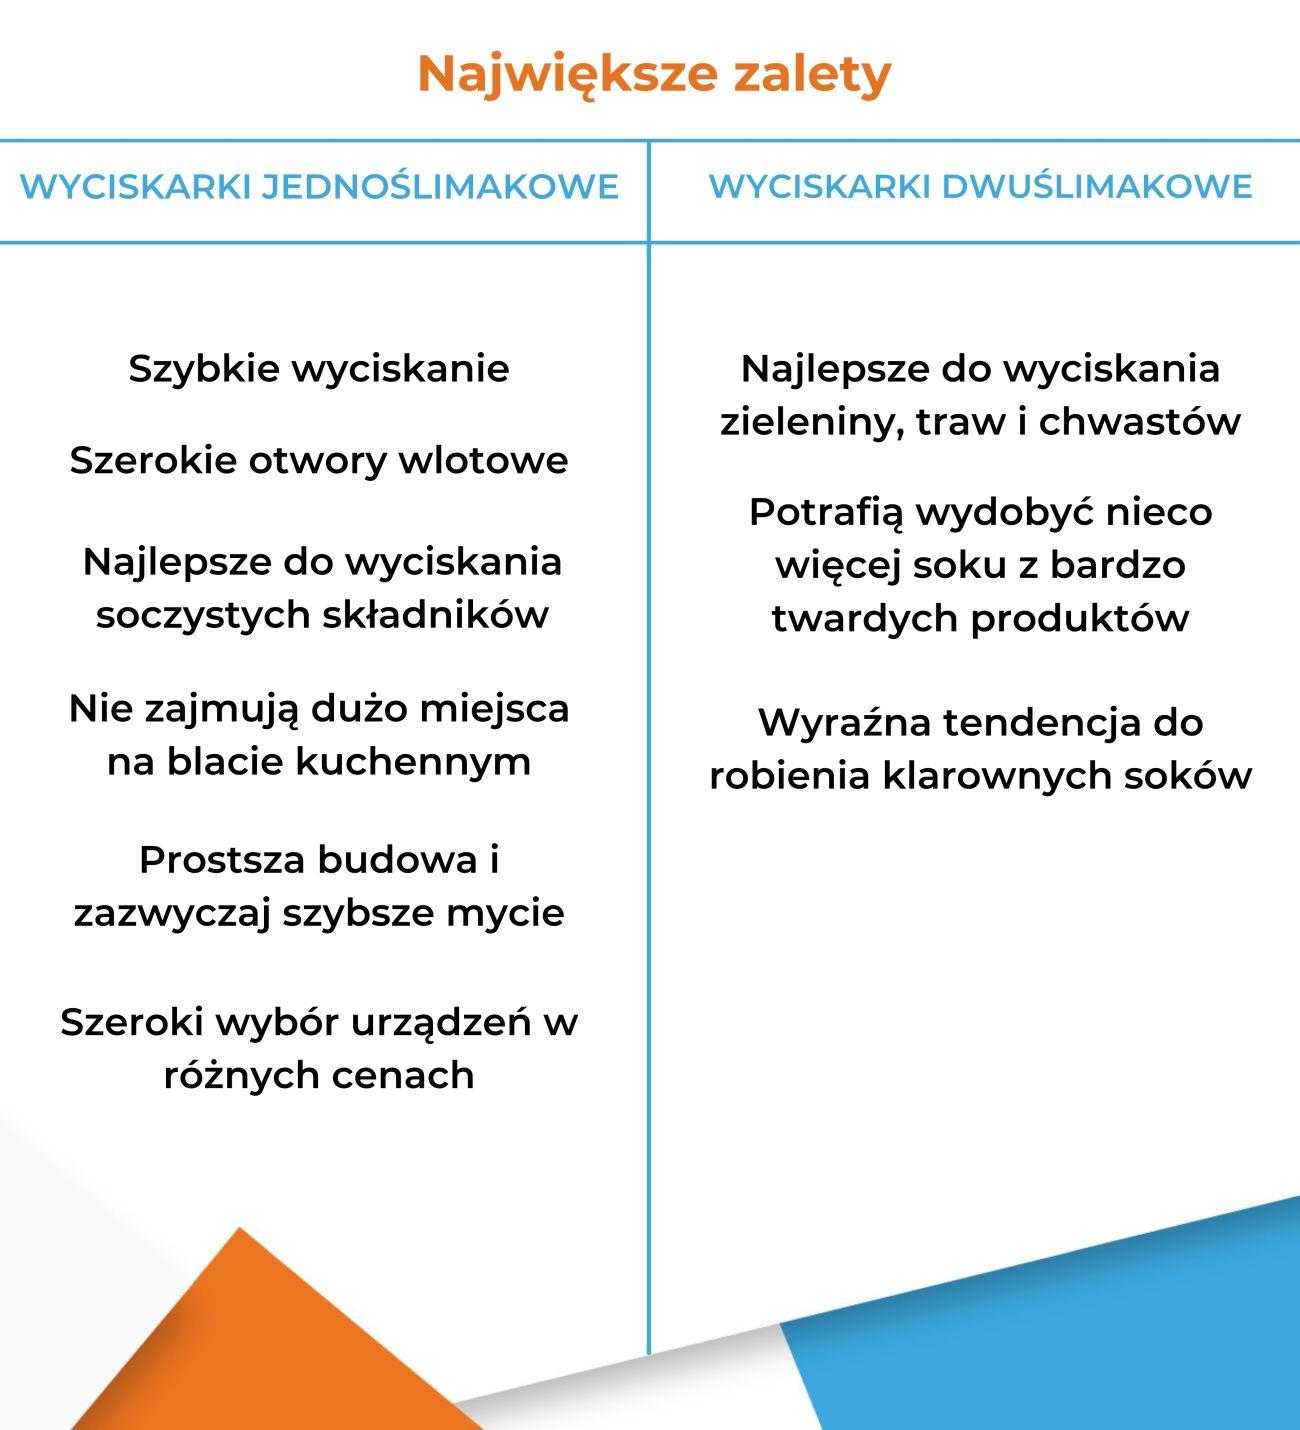 Wyciskarka jednoślimakowa czy dwuślimakowa - Zalety - Infografika